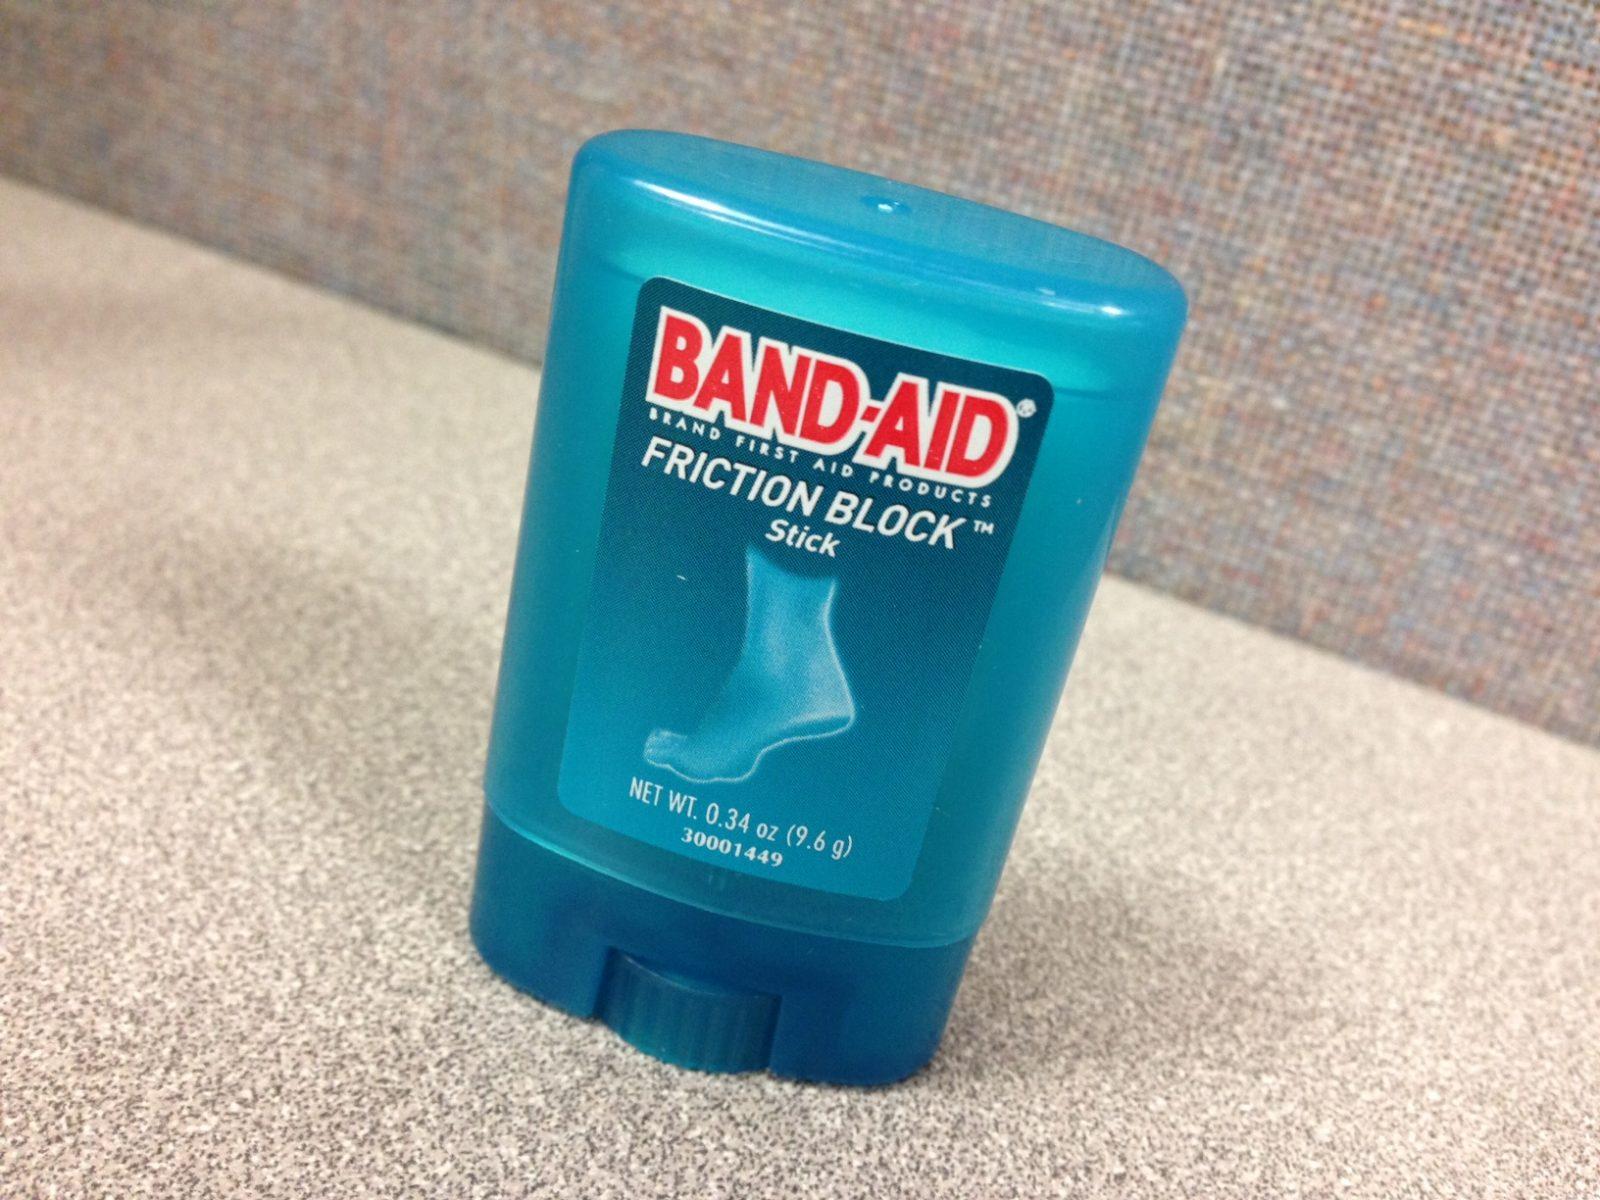 bandaid friction block stick